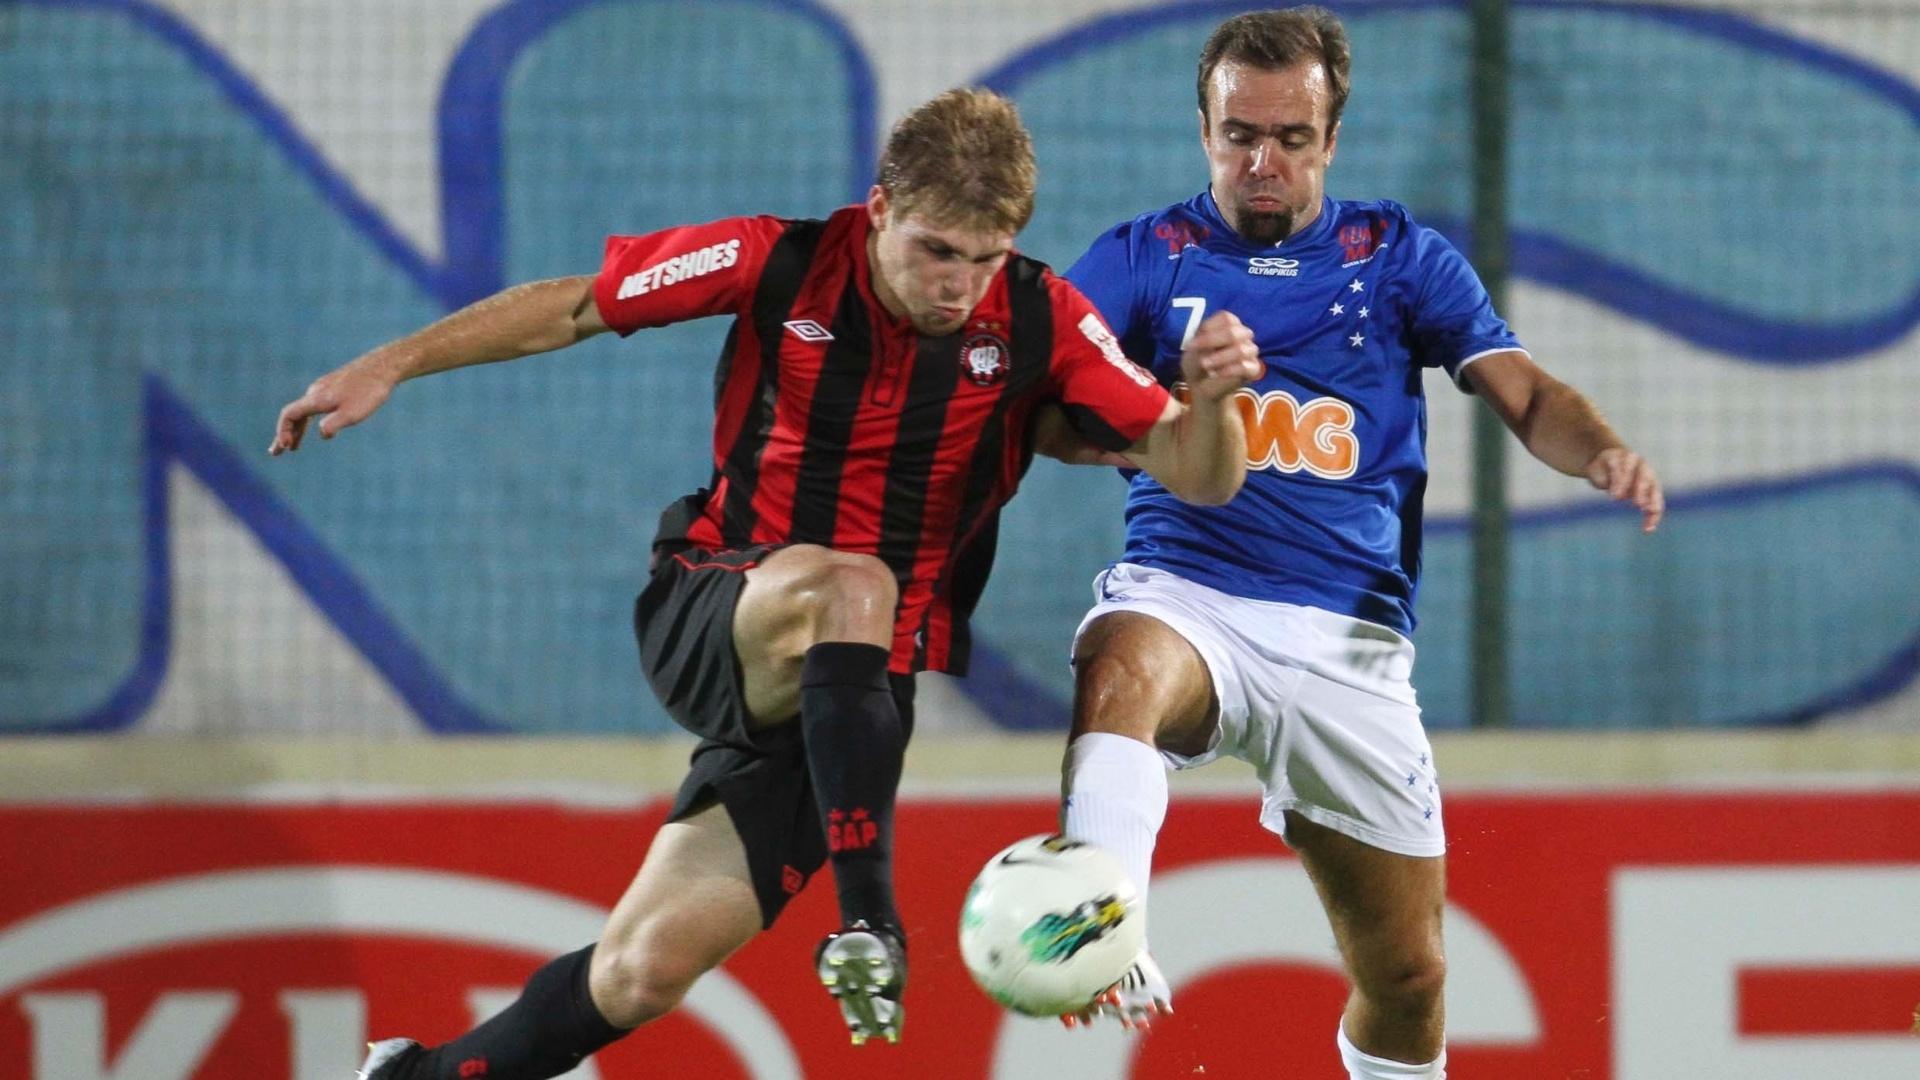 Roger, meia do Cruzeiro, disputa a bola com jogador do Atlético-PR